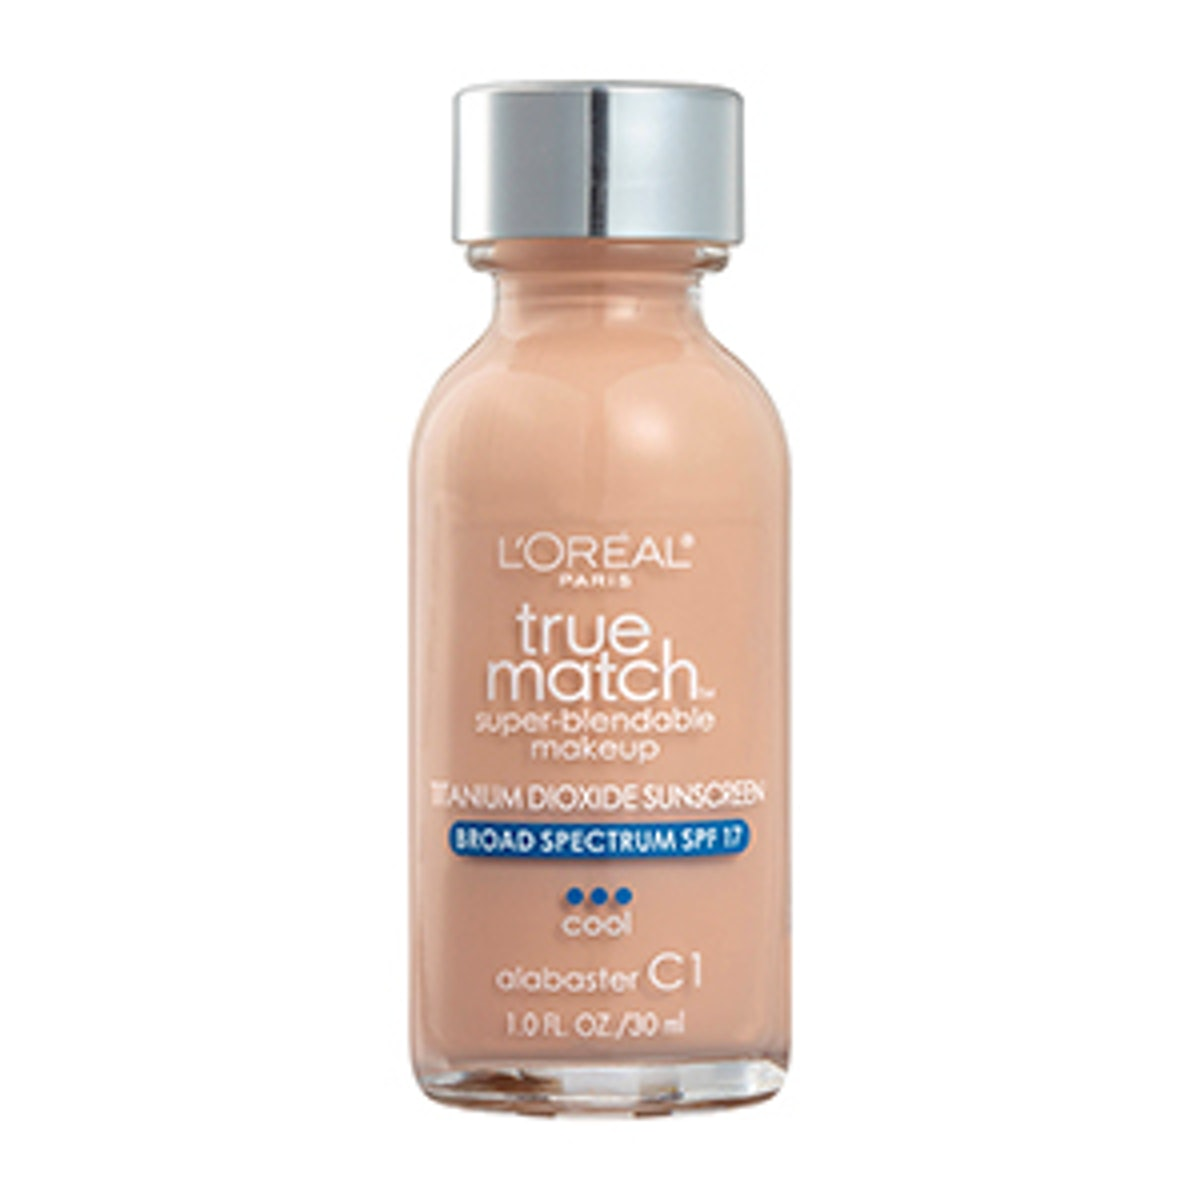 True Match Super-Blendable Makeup